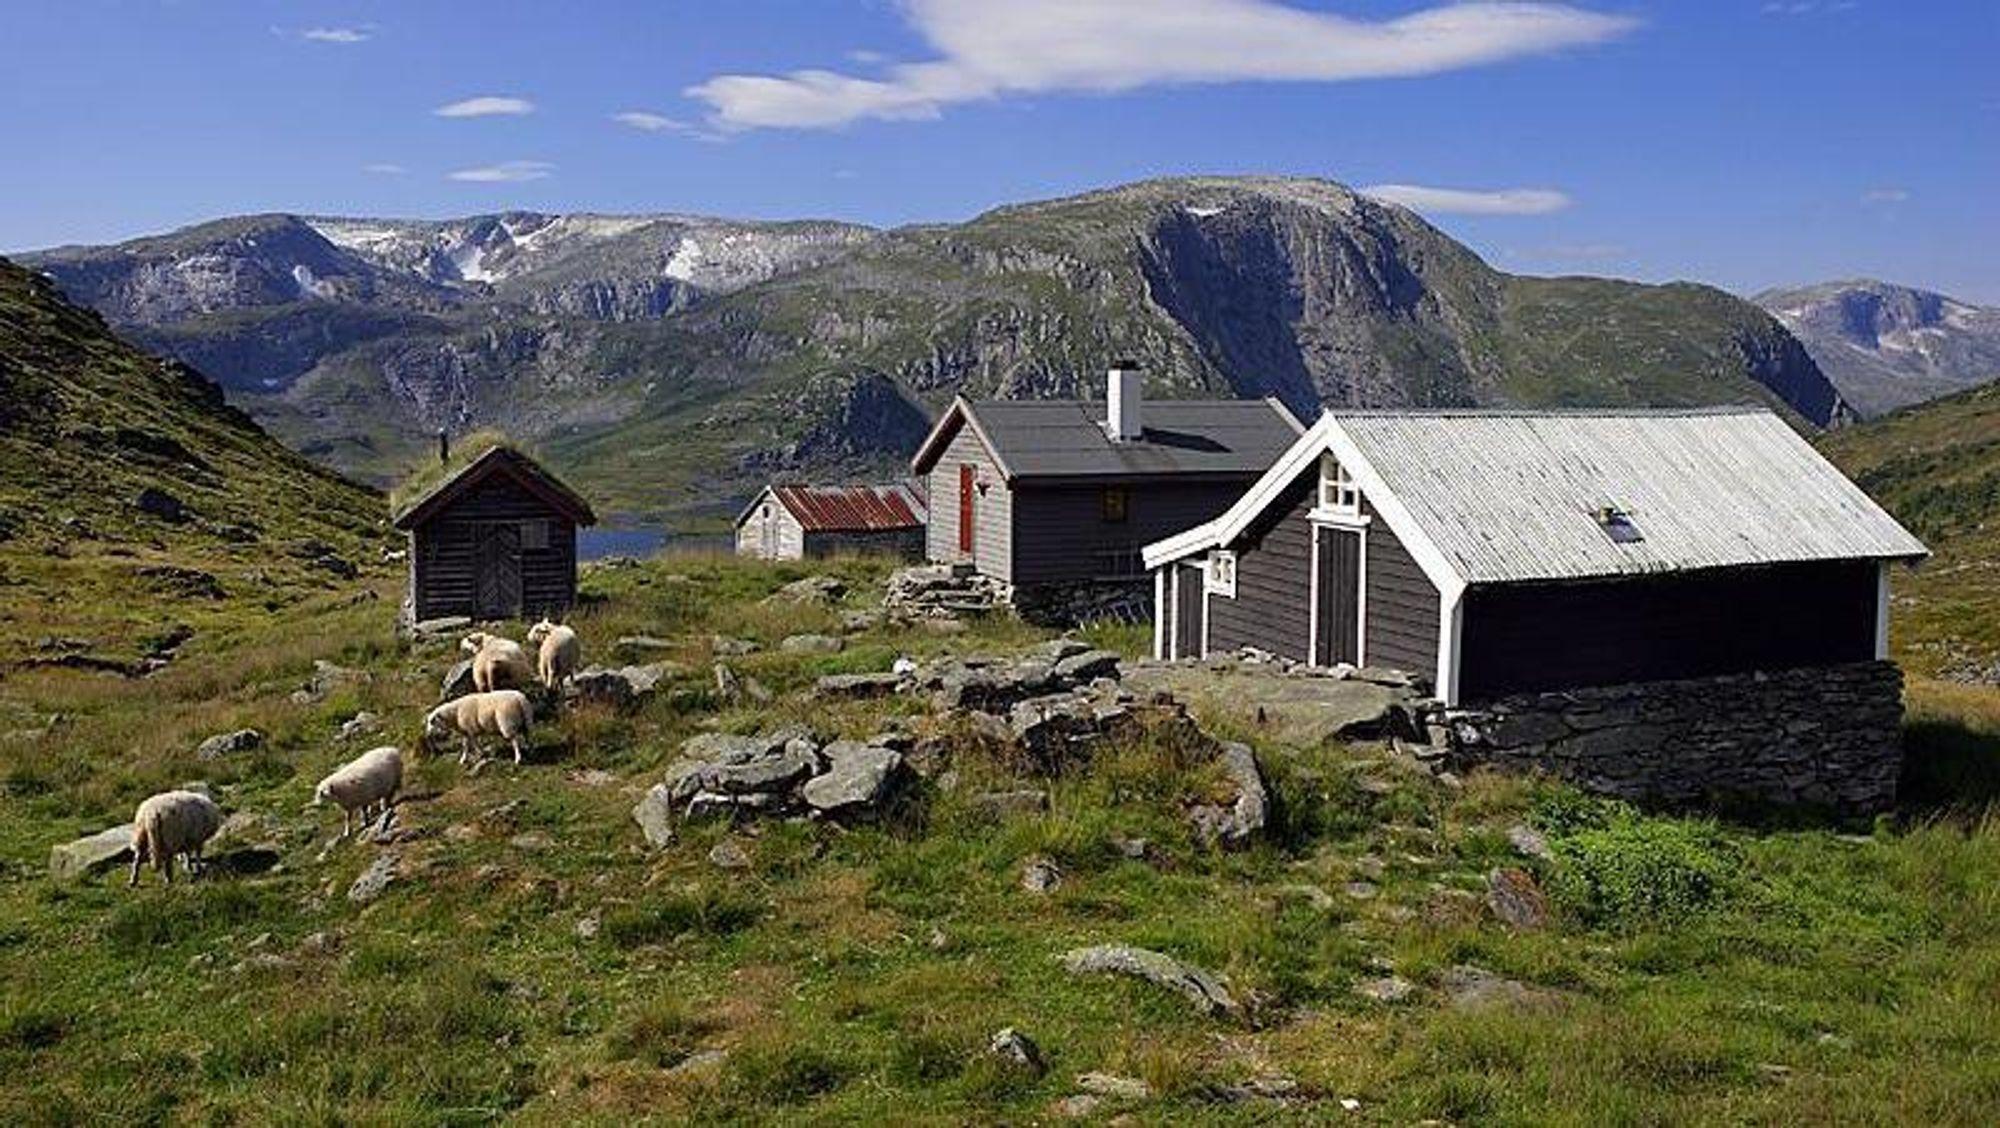 Foto fra Stølsheimen, som er fjellområdet mellom Sognefjorden i nord og Vossefjellene i sør, fra Masfjordfjellene i vest og Vikafjellet i øst. Her planlegges det massiv vindutbygging.